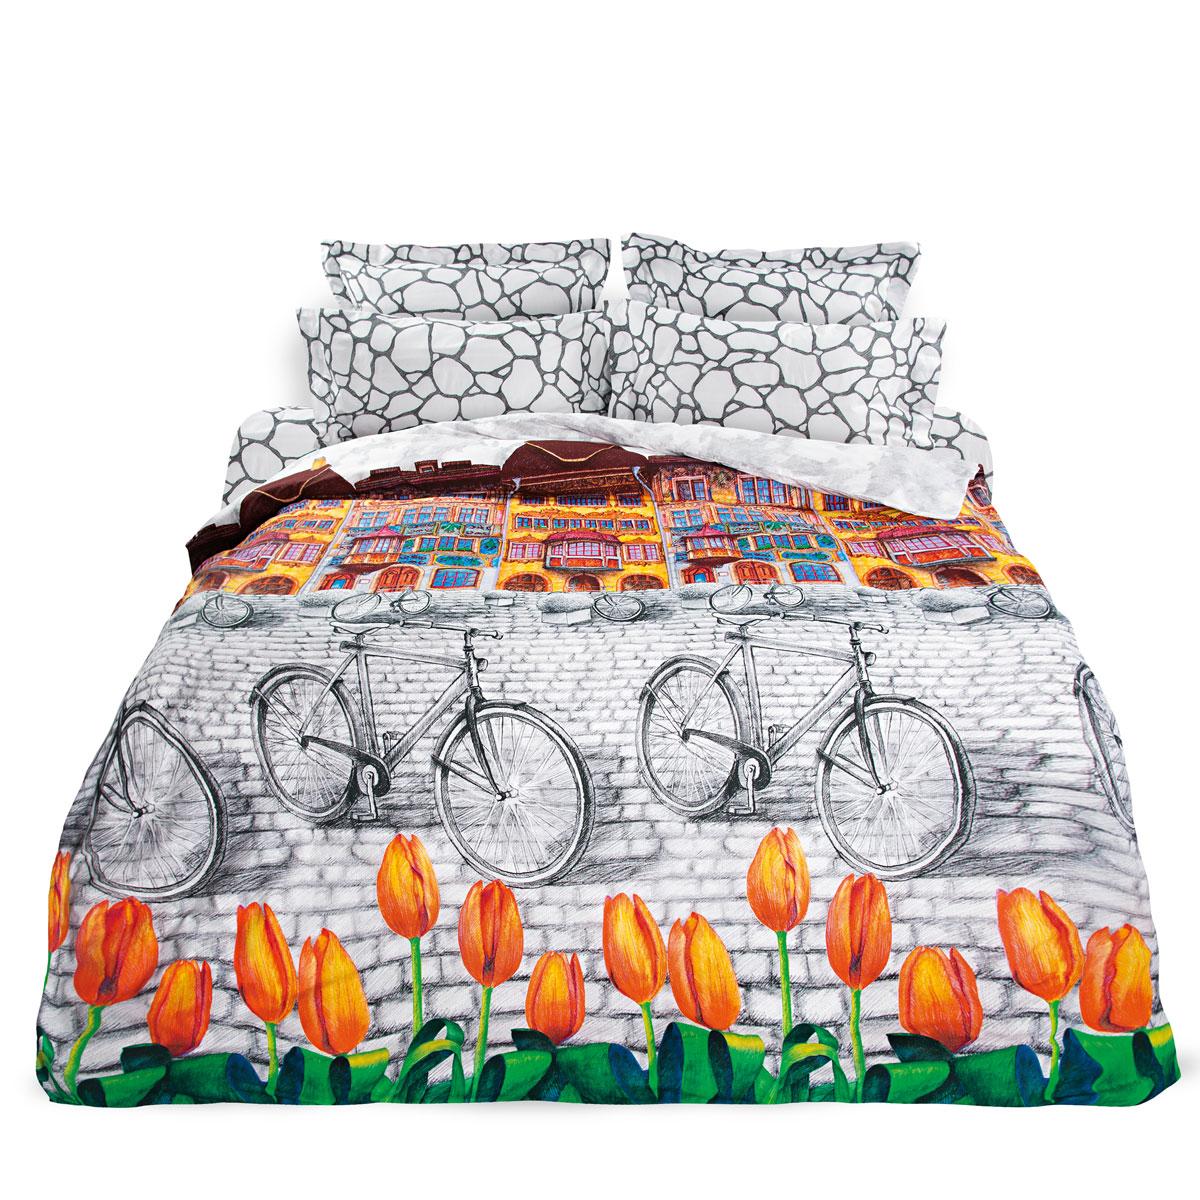 Комплект белья Унисон Голландский уголок, 1,5 спальное, наволочки 70 х 70, цвет: серо-белый. 276913276913Постельное белье торговой марки «Унисон Биоматин» - это домашний текстиль премиум класса с эксклюзивными дизайнами в разнообразных стилистических решениях. Комплекты данной серии выполнены из ткани «биоматин» - это 100% хлопок высочайшего качества, мягкий, тонкий и легкий, но при этом прочный, долговечный и очень практичный, с повышенным показателем износостойкости, обладающий грязе- и пылеотталкивающими свойствами, долго сохраняющий чистоту и свежесть постельного белья, гипоаллергенный.